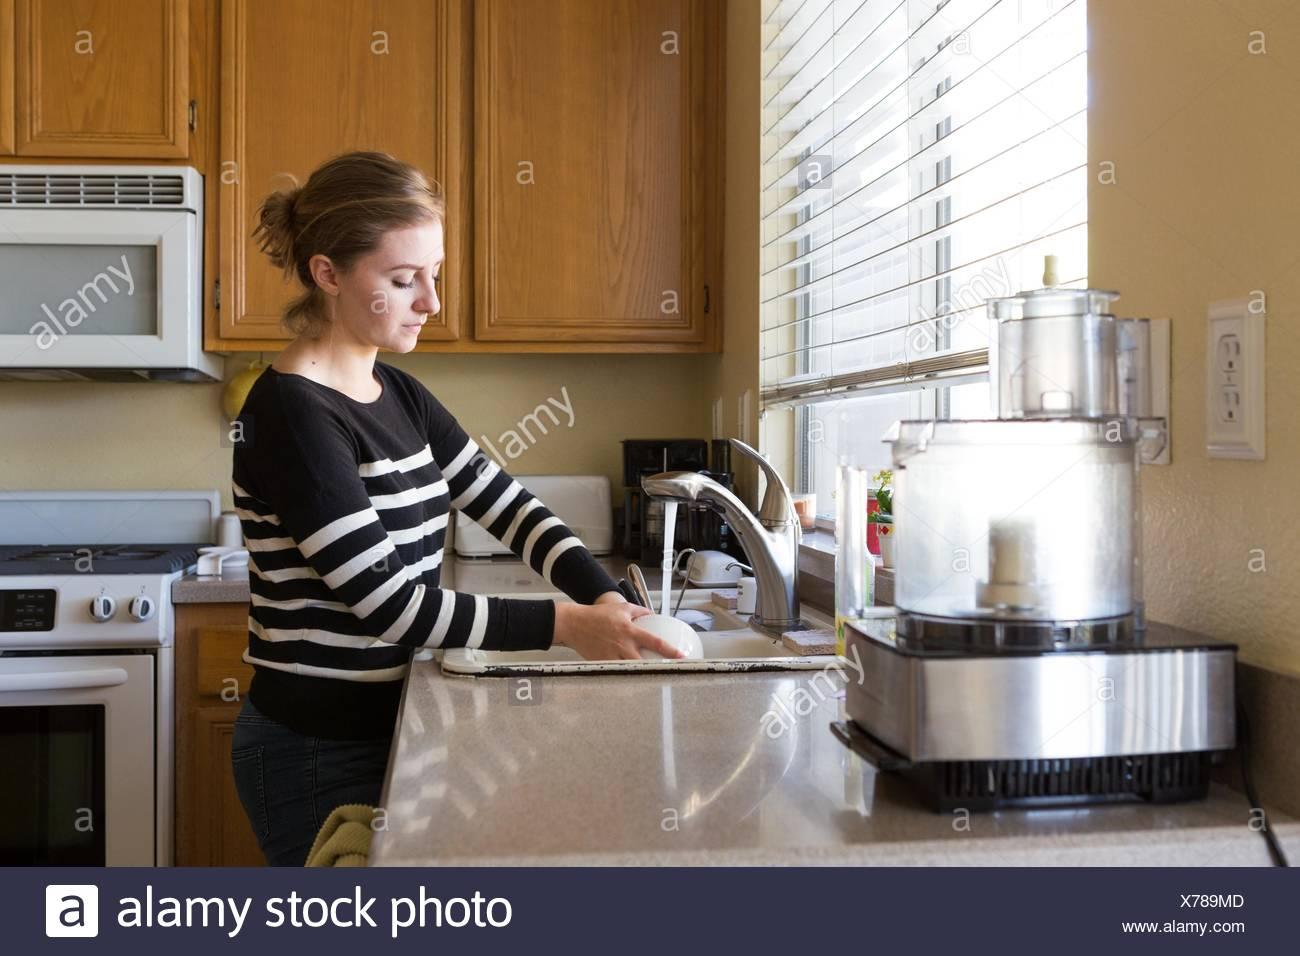 Cuisine femme lave jusqu'à Photo Stock